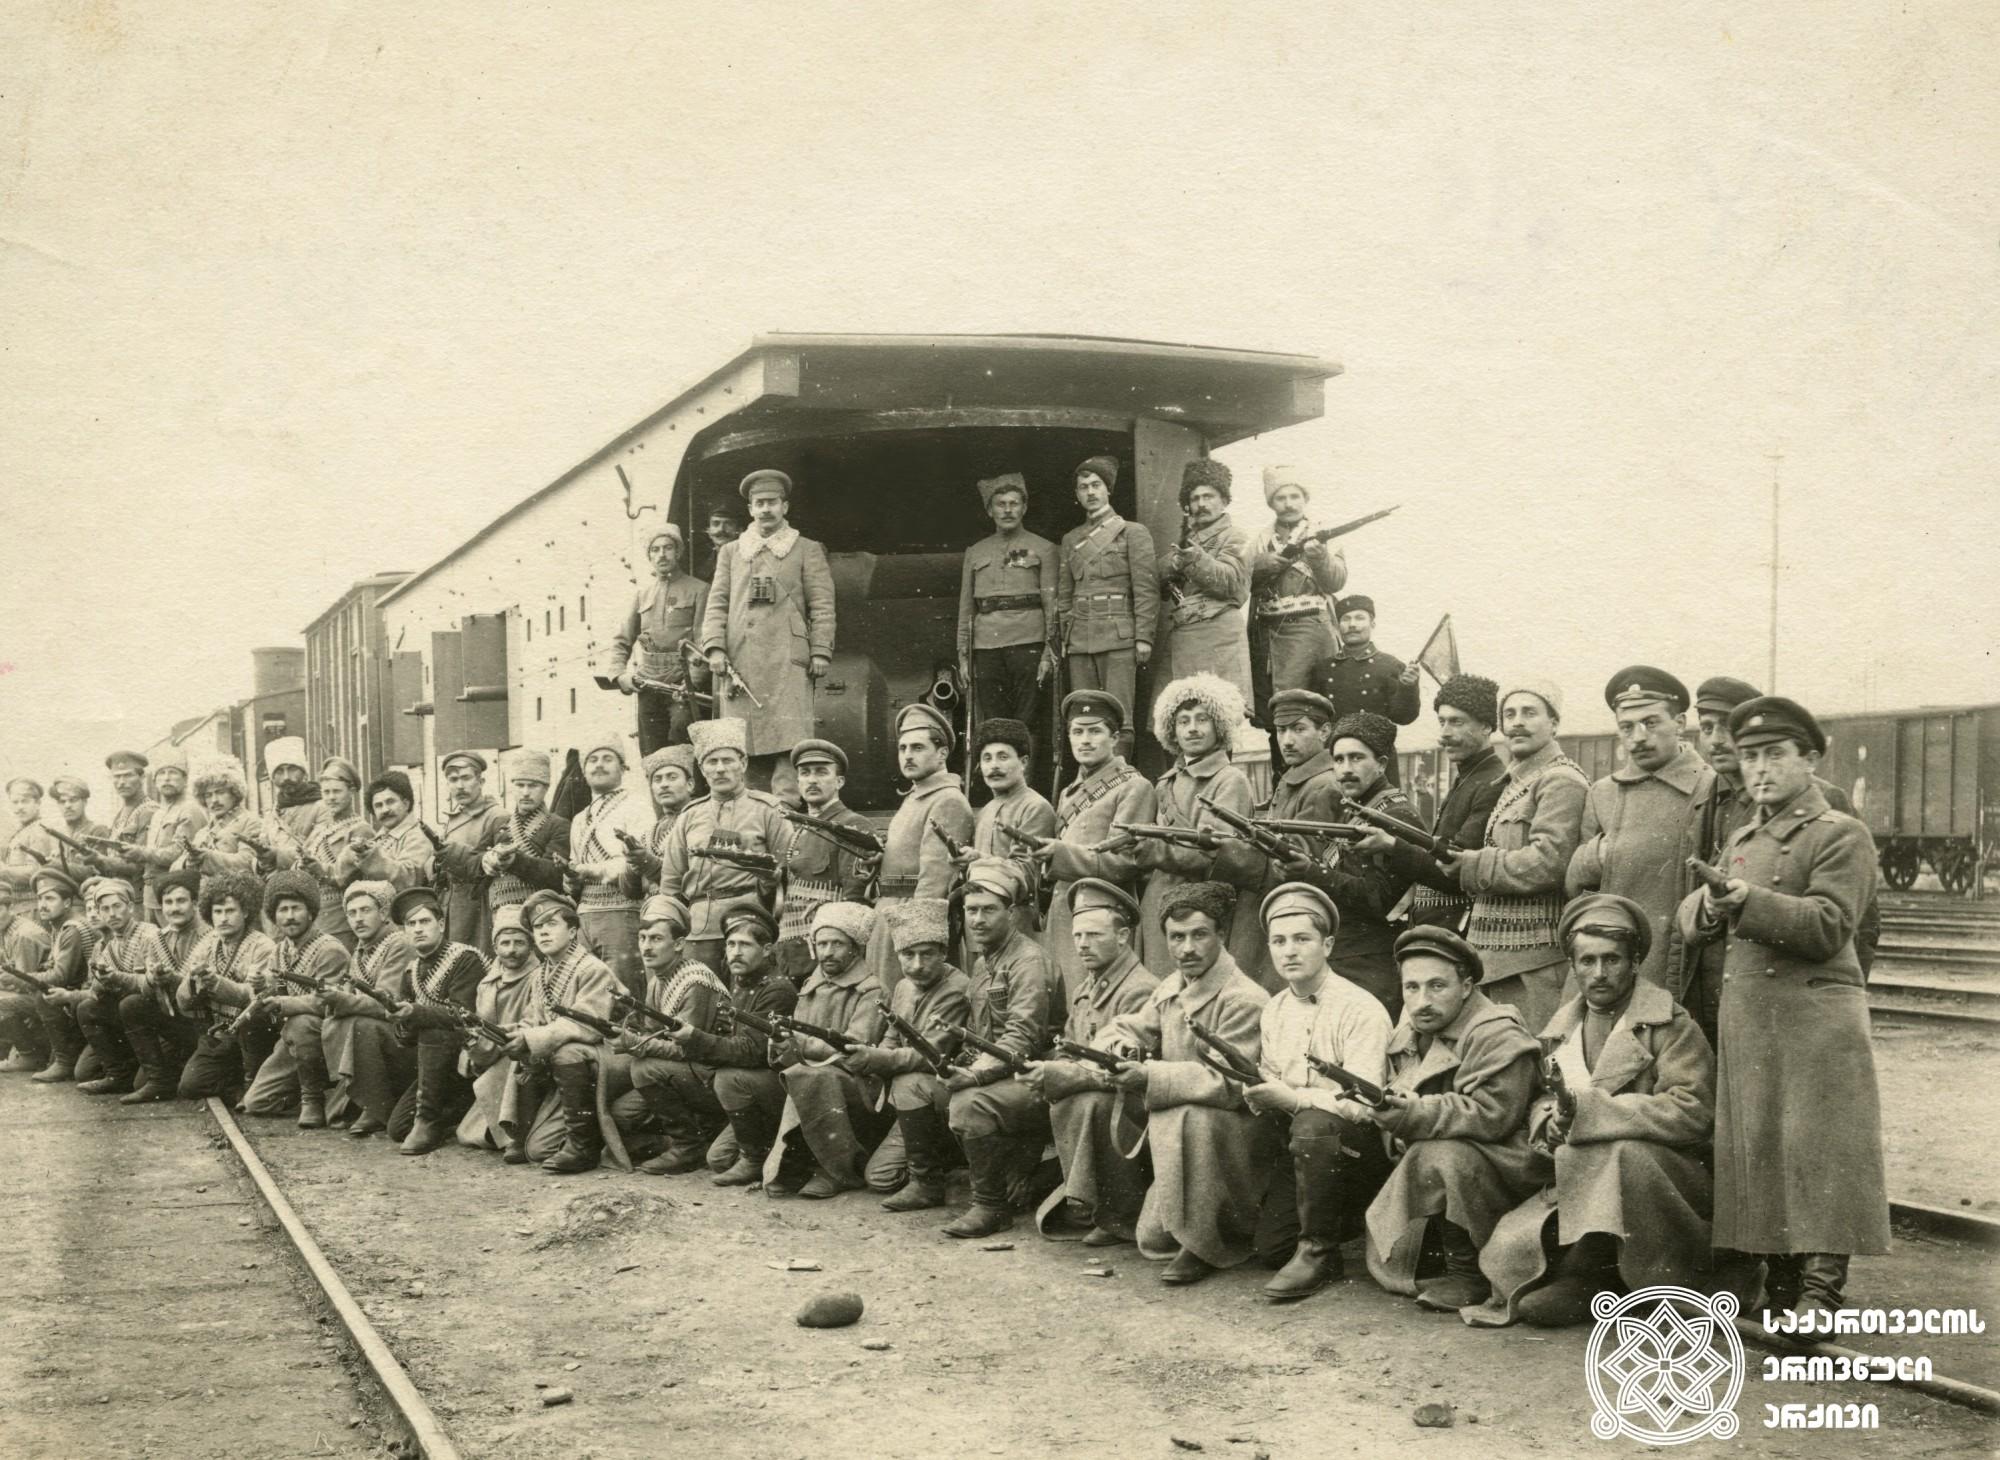 """ქართული არმიის ჯავშანმატარებელი.  <br> ჯავშანმატარებელთა რაზმში ირიცხებოდა ოთხი ჯავშანმატარებელი: """"რესპუბლიკელი"""", """"მუშა"""", """"სიკვდილიან გამარჯვება"""" და """"თავისუფლების სიმაგრე"""". შტატის მიხედვით, თითოეული ჯავშანმატარებელი აღჭურვილი იყო 1904 წლის მოდელის 2 სამთო ქვემეხითა და 12 ტყვიამფრქვევით, თუმცა, როგორც საარქივო დოკუმენტებიდან ჩანს, ქართველებმა მატარებლების საბრძოლო შესაძლებლობები გაზარდეს და არტილერიის რაოდენობა 3-4 ქვემეხამდე აიყვანეს, ხოლო ტყვიამფრქვევების რაოდენობა - 14-25-მდე.  <br> 1918-1921 წლები. <br>  Armored train of the Georgian Army. <br> Following four armored trains were counted in the division of the armored trains: """"Respublikeli"""" (Republican), """"Musha"""" (Worker), """"Sikvdili and Gamarjveba"""" (Death or Victory) and """"Tavisuflebis Simagre"""" (Independence Fortress). According to the staff each of the armored trains were equipped with two mining cannons of the model of 1904 and 12 machine-guns. Though according to the archival documents, Georgians increased the fighting opportunities of the trains and the artillery number was increased to 3-4 canons and 14-25 machine-guns. <br> 1918-1921."""